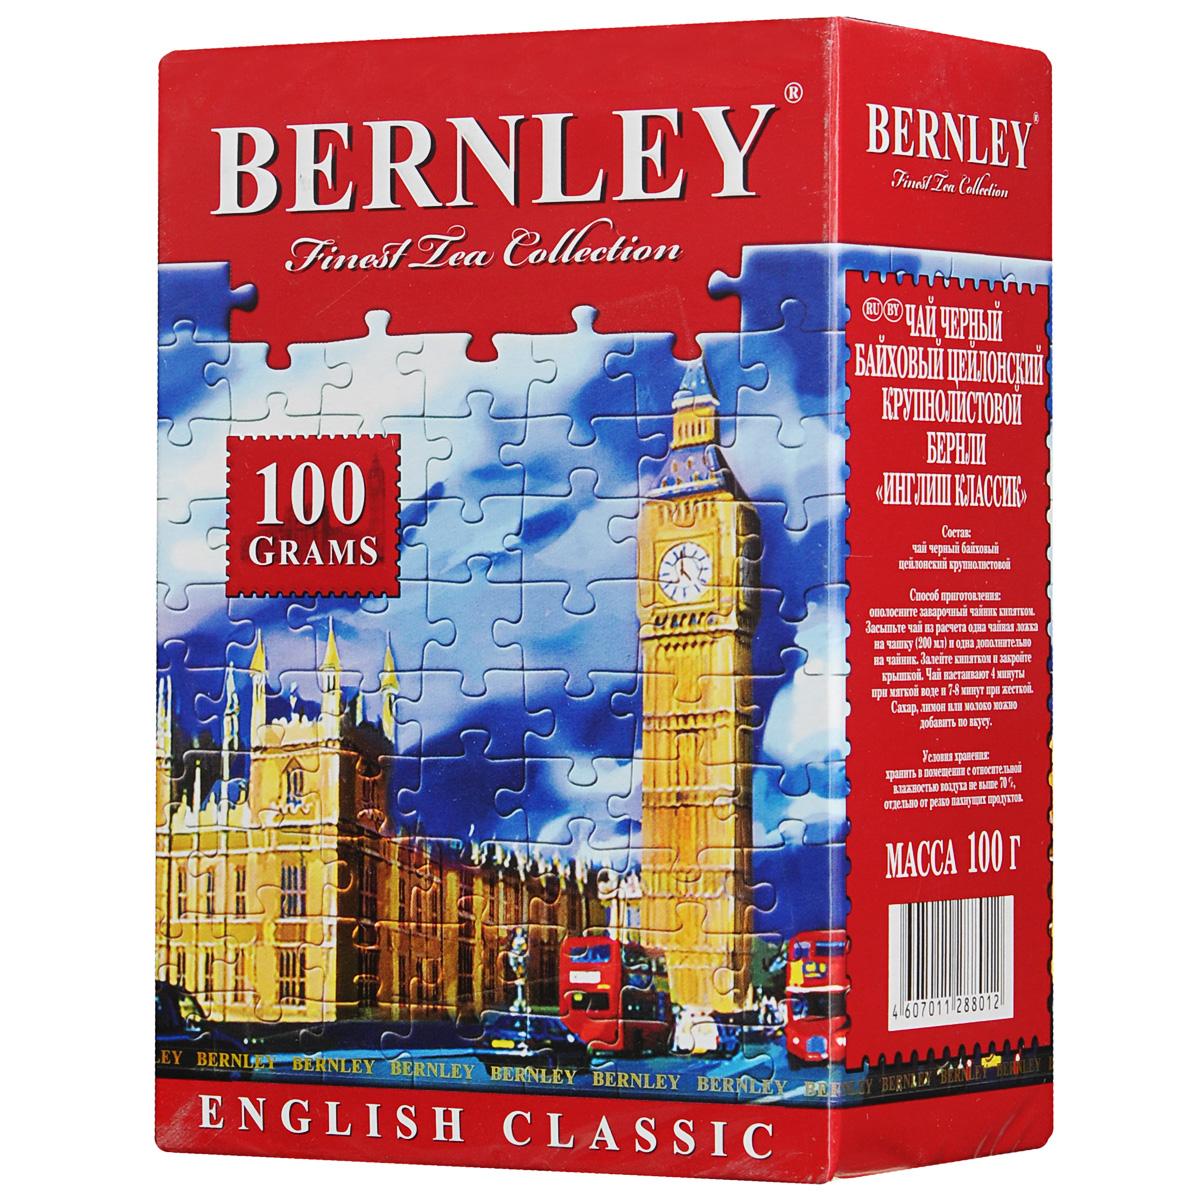 Bernley English Classic черный листовой чай, 100 г1070037Bernley English Classic - традиционный черный чай, созданный по классическому английскому рецепту, с густым, насыщенного цвета настоем и тонким ароматом, присущим лишь лучшим сортам цейлонского чая. Вкус терпкий, сбалансированный, с утонченными оригинальными оттенками.Всё о чае: сорта, факты, советы по выбору и употреблению. Статья OZON Гид